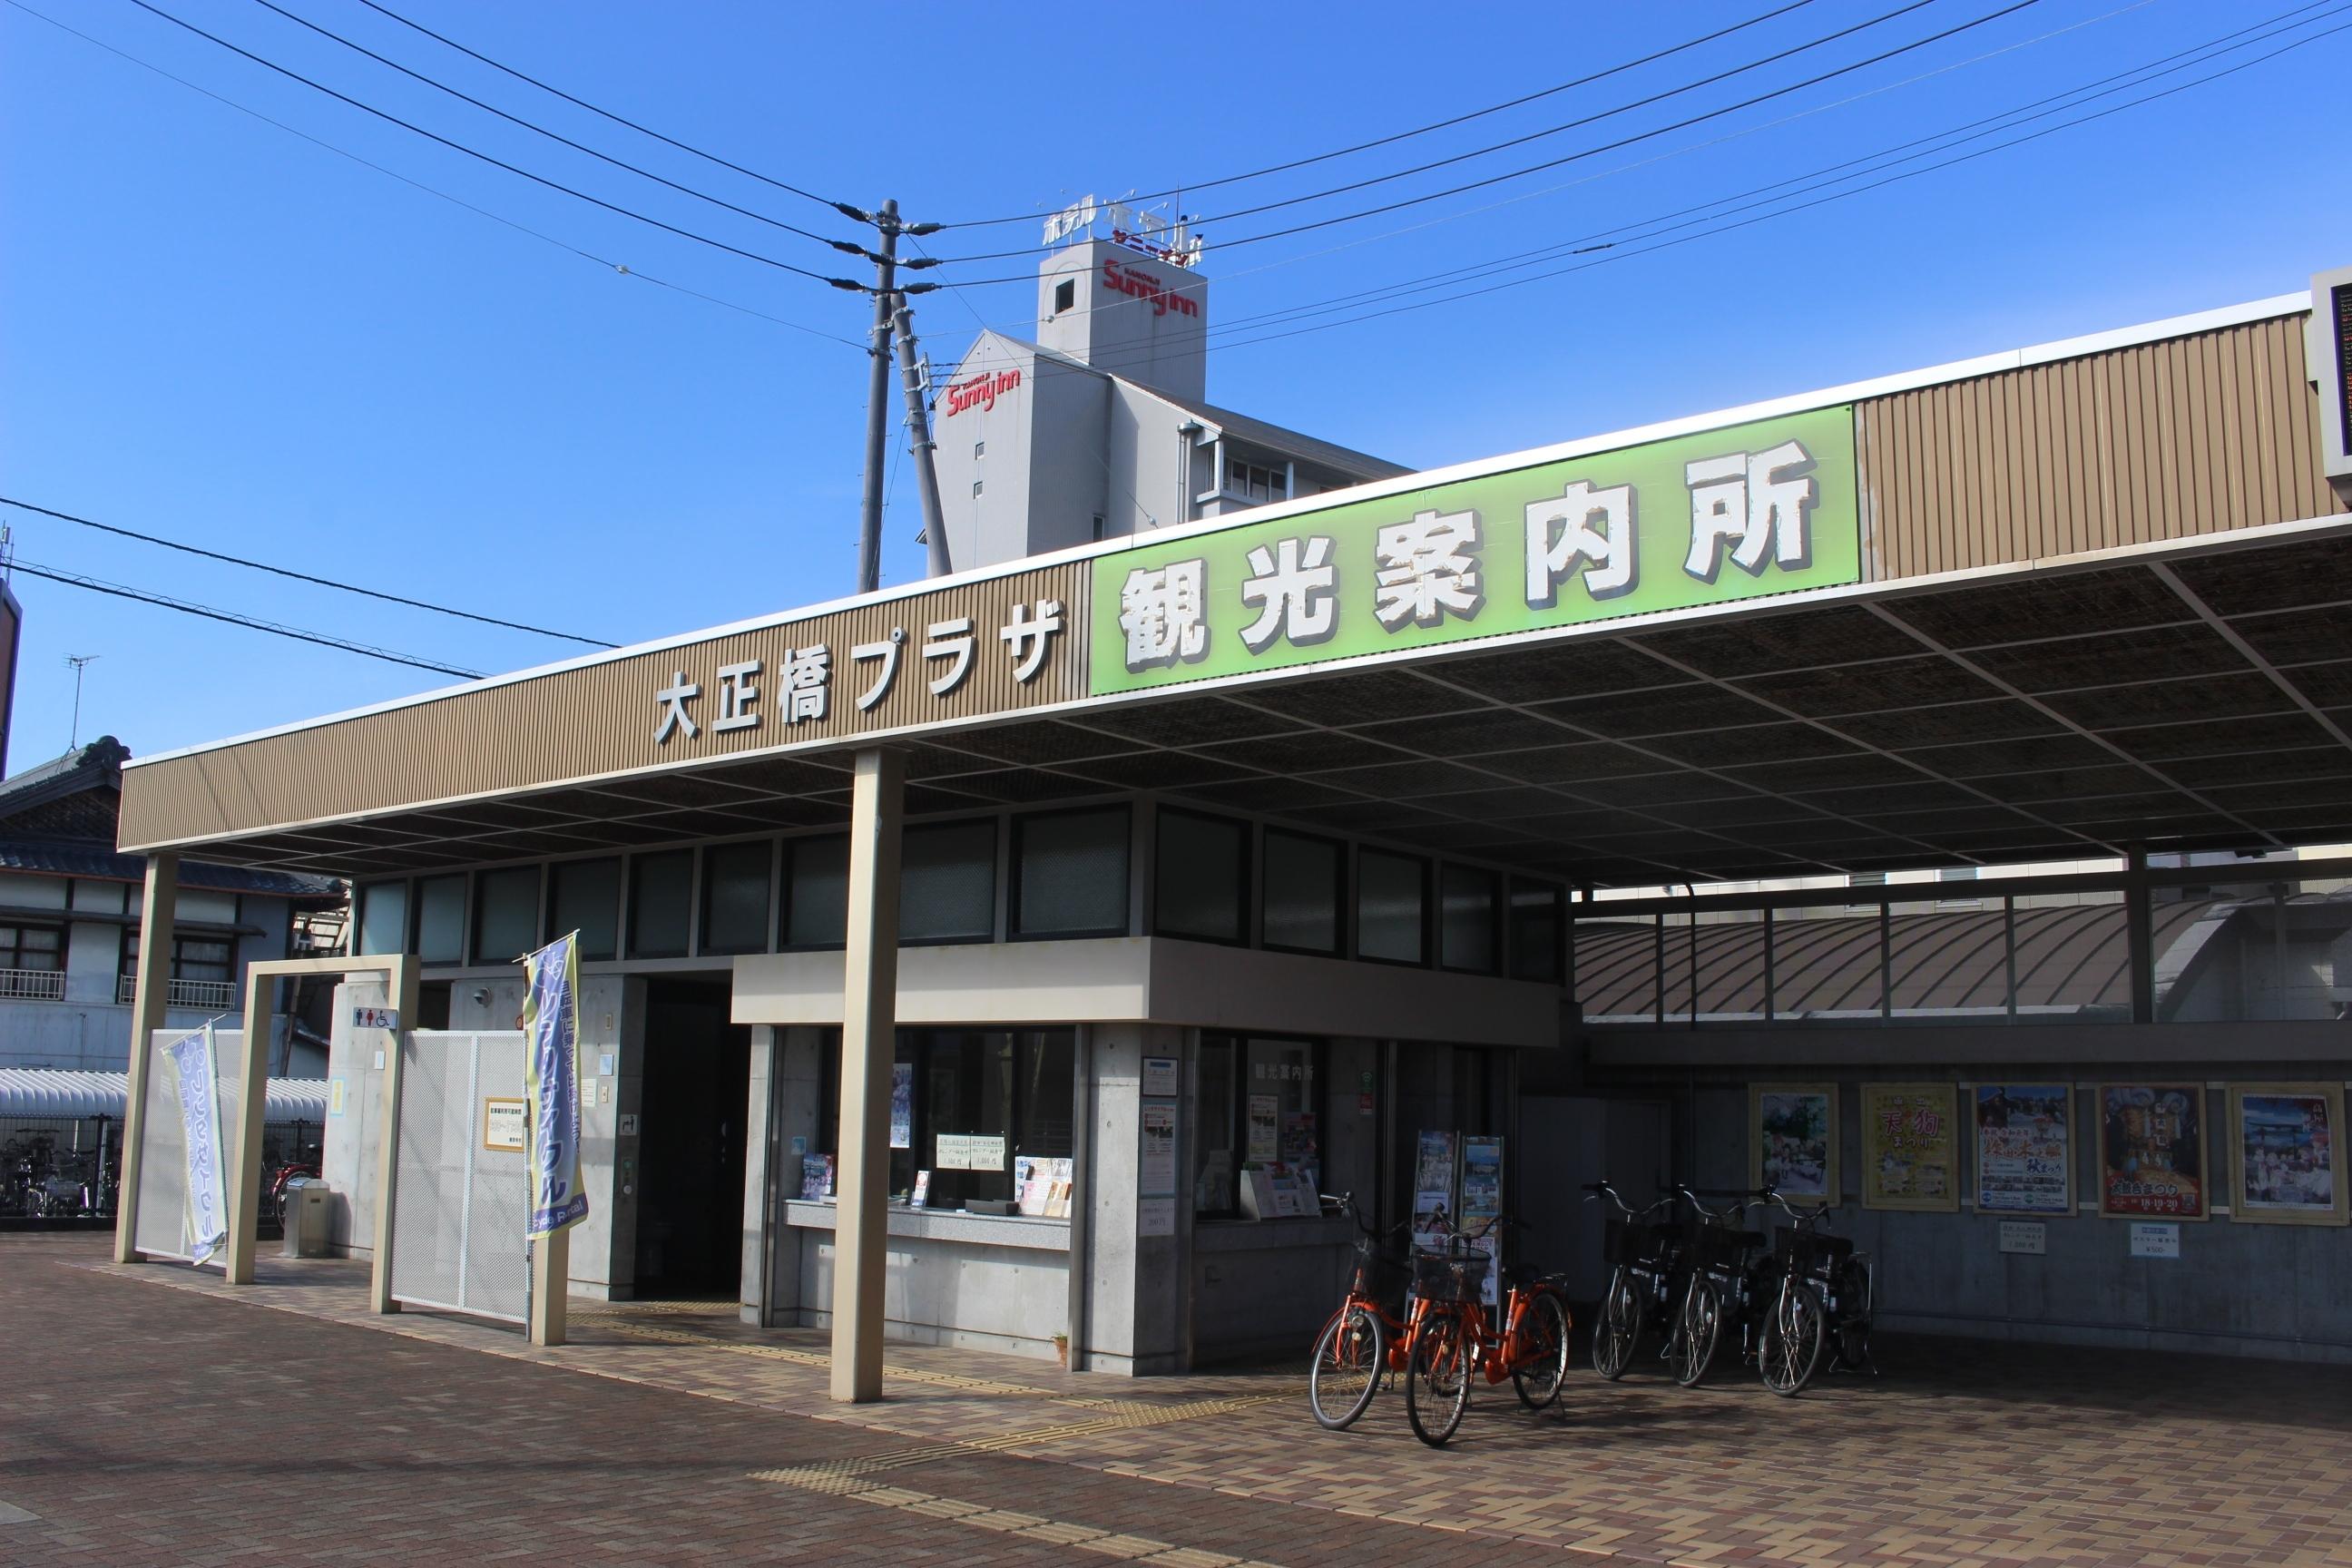 大正橋プラザ(観光案内所)